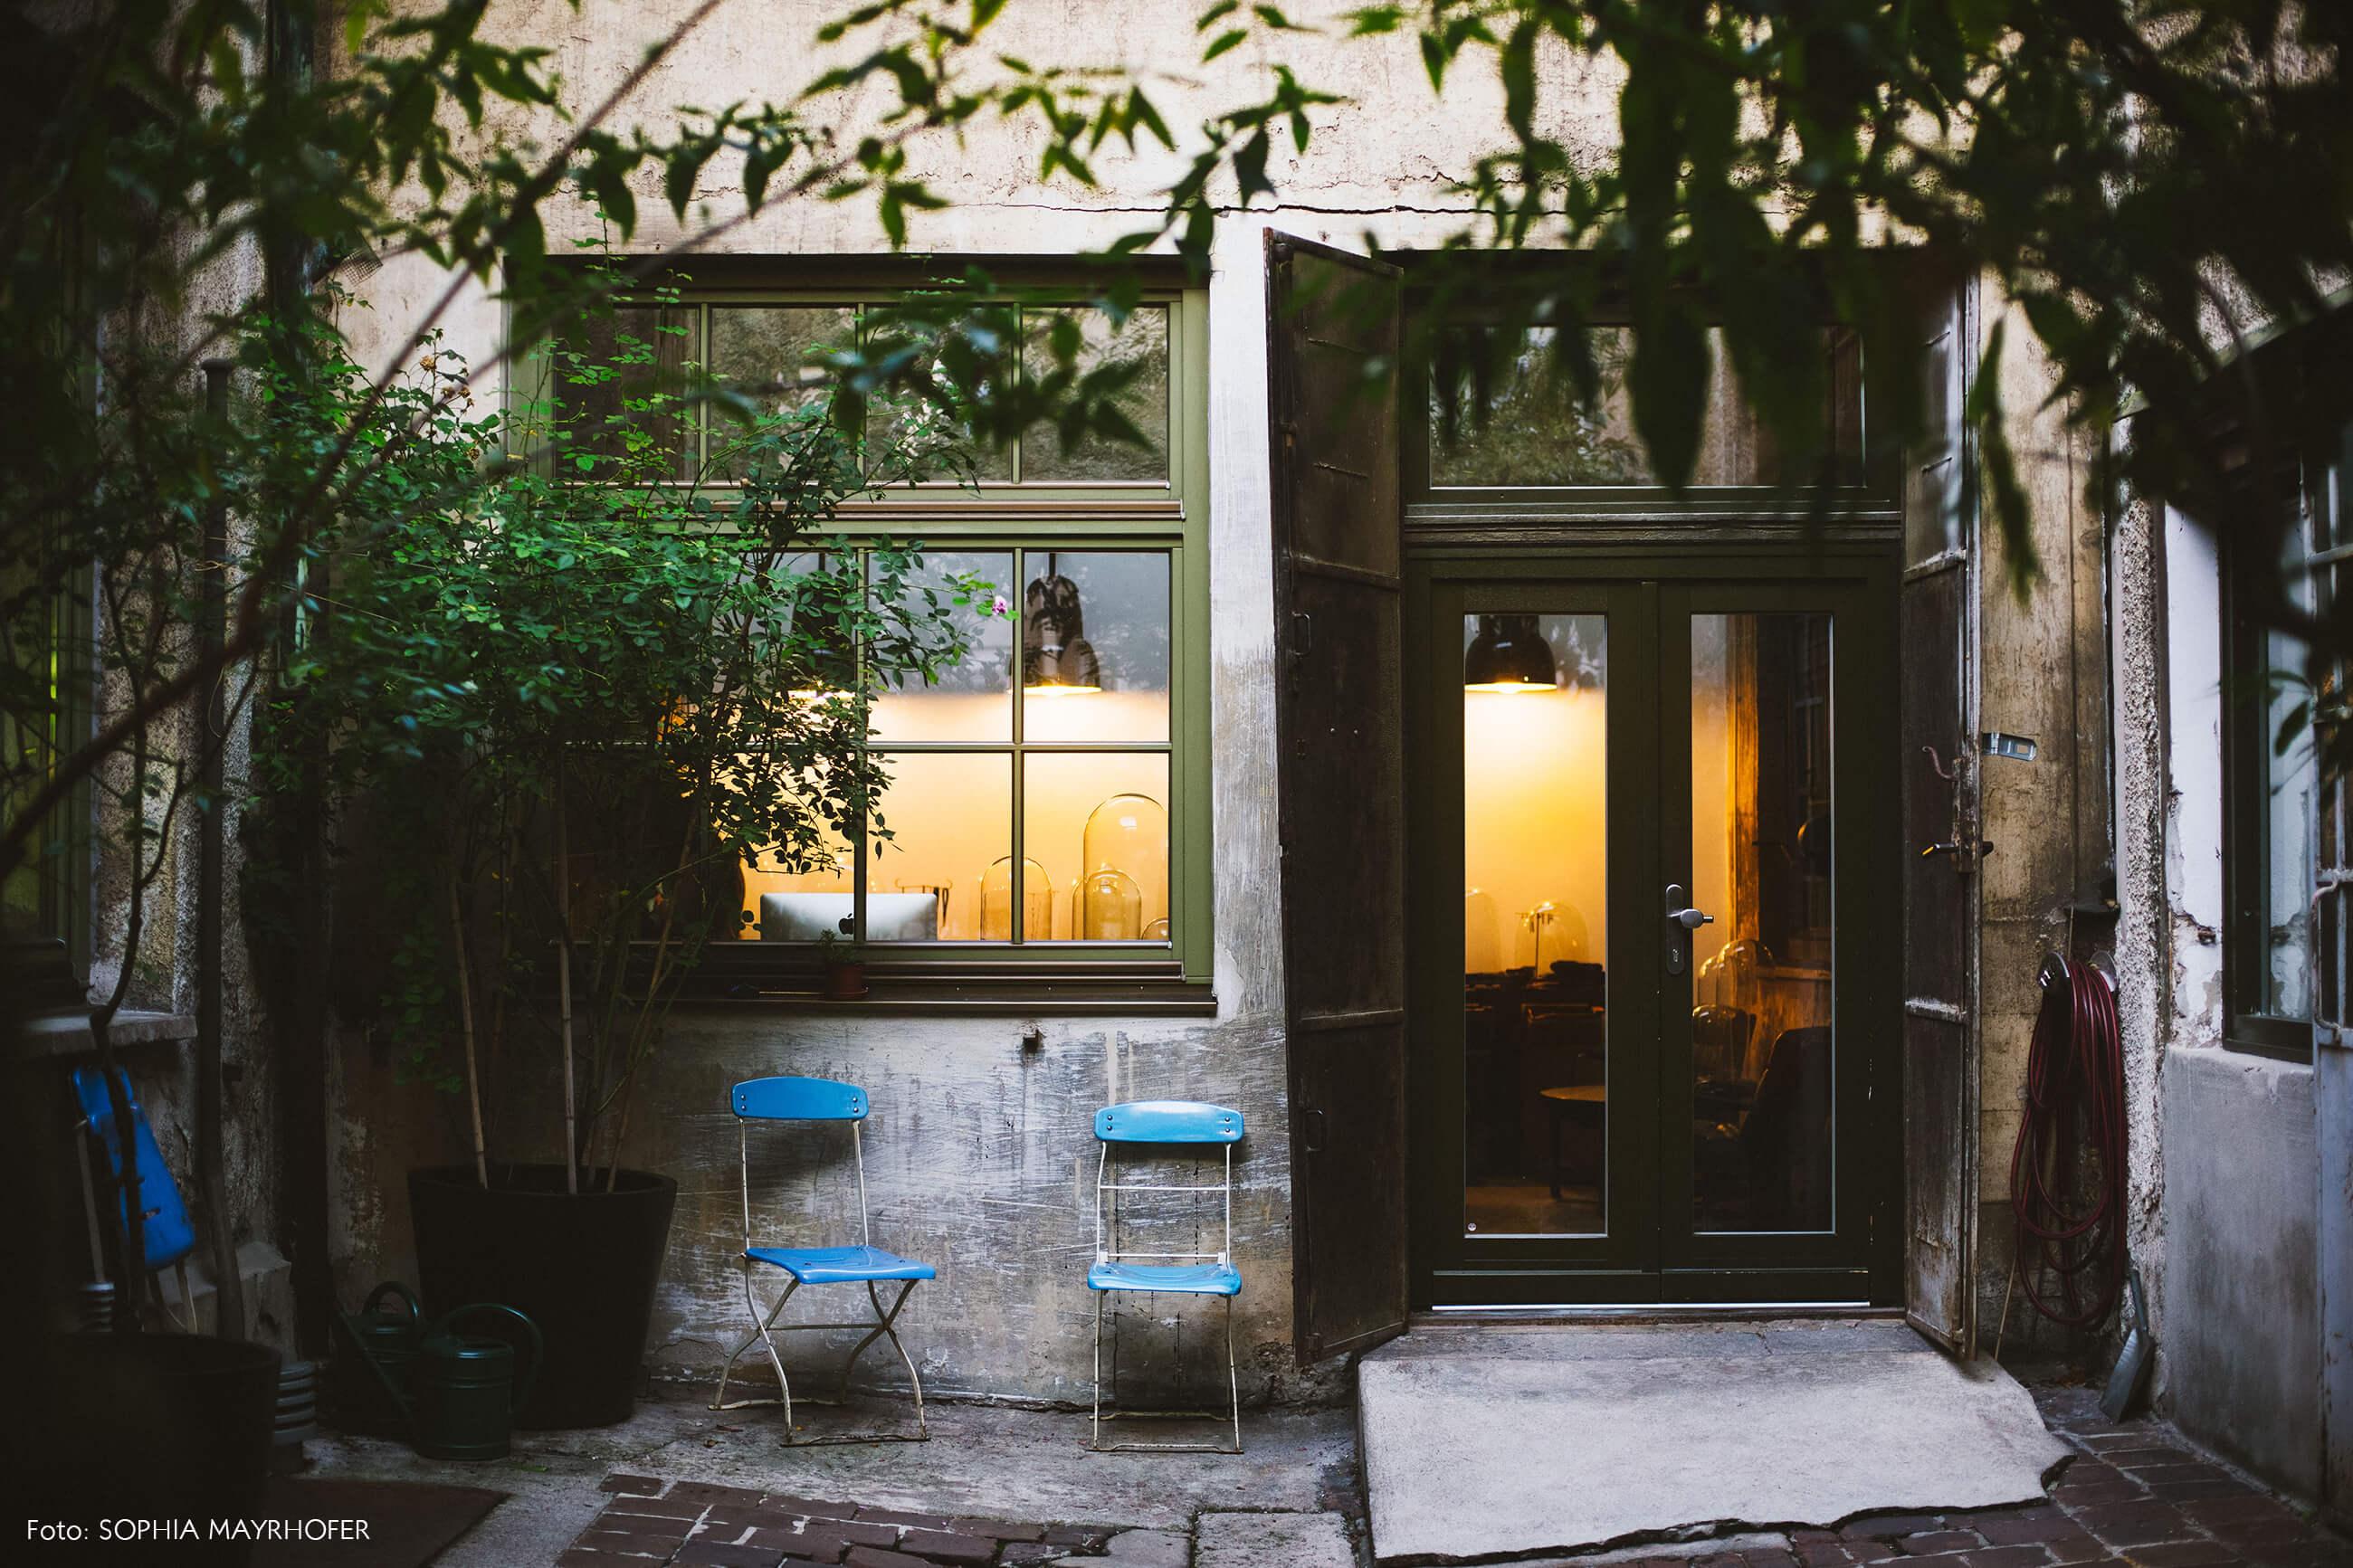 arquitetura-com-cadeiras-azul